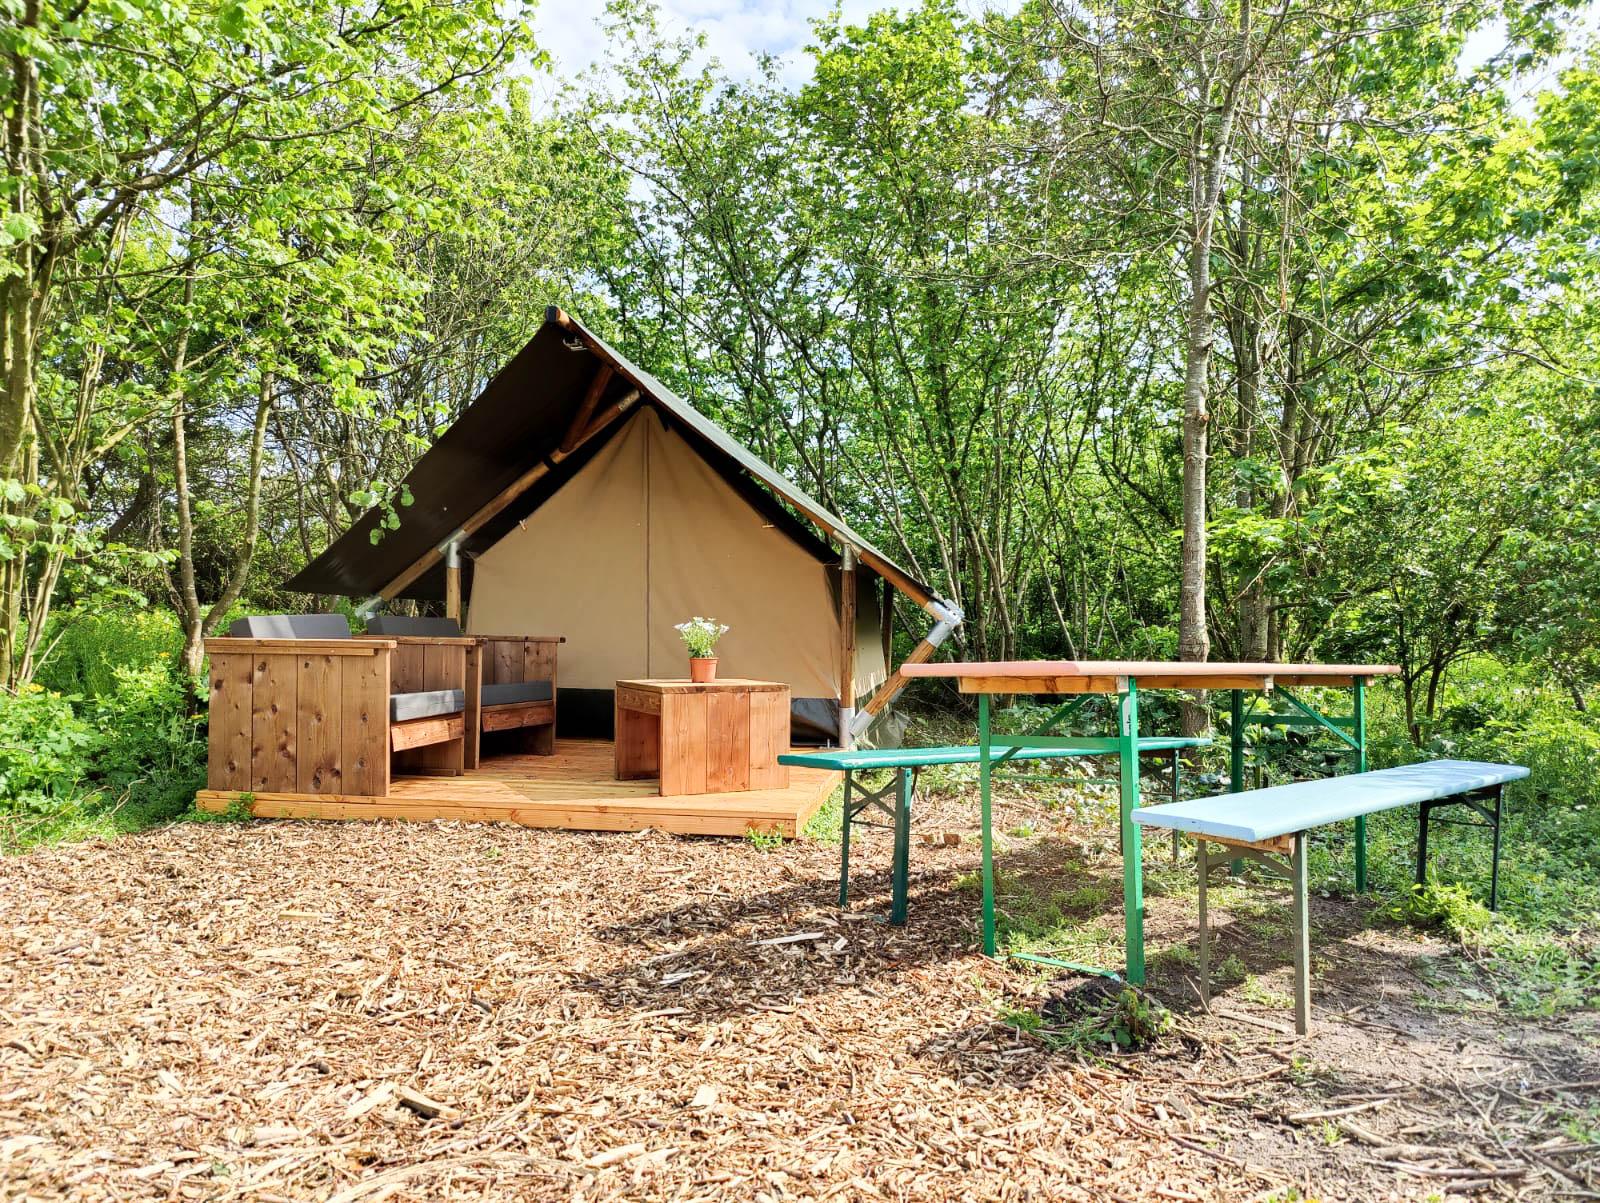 Overnacht in onze safaritenten - Camping Buitenpost